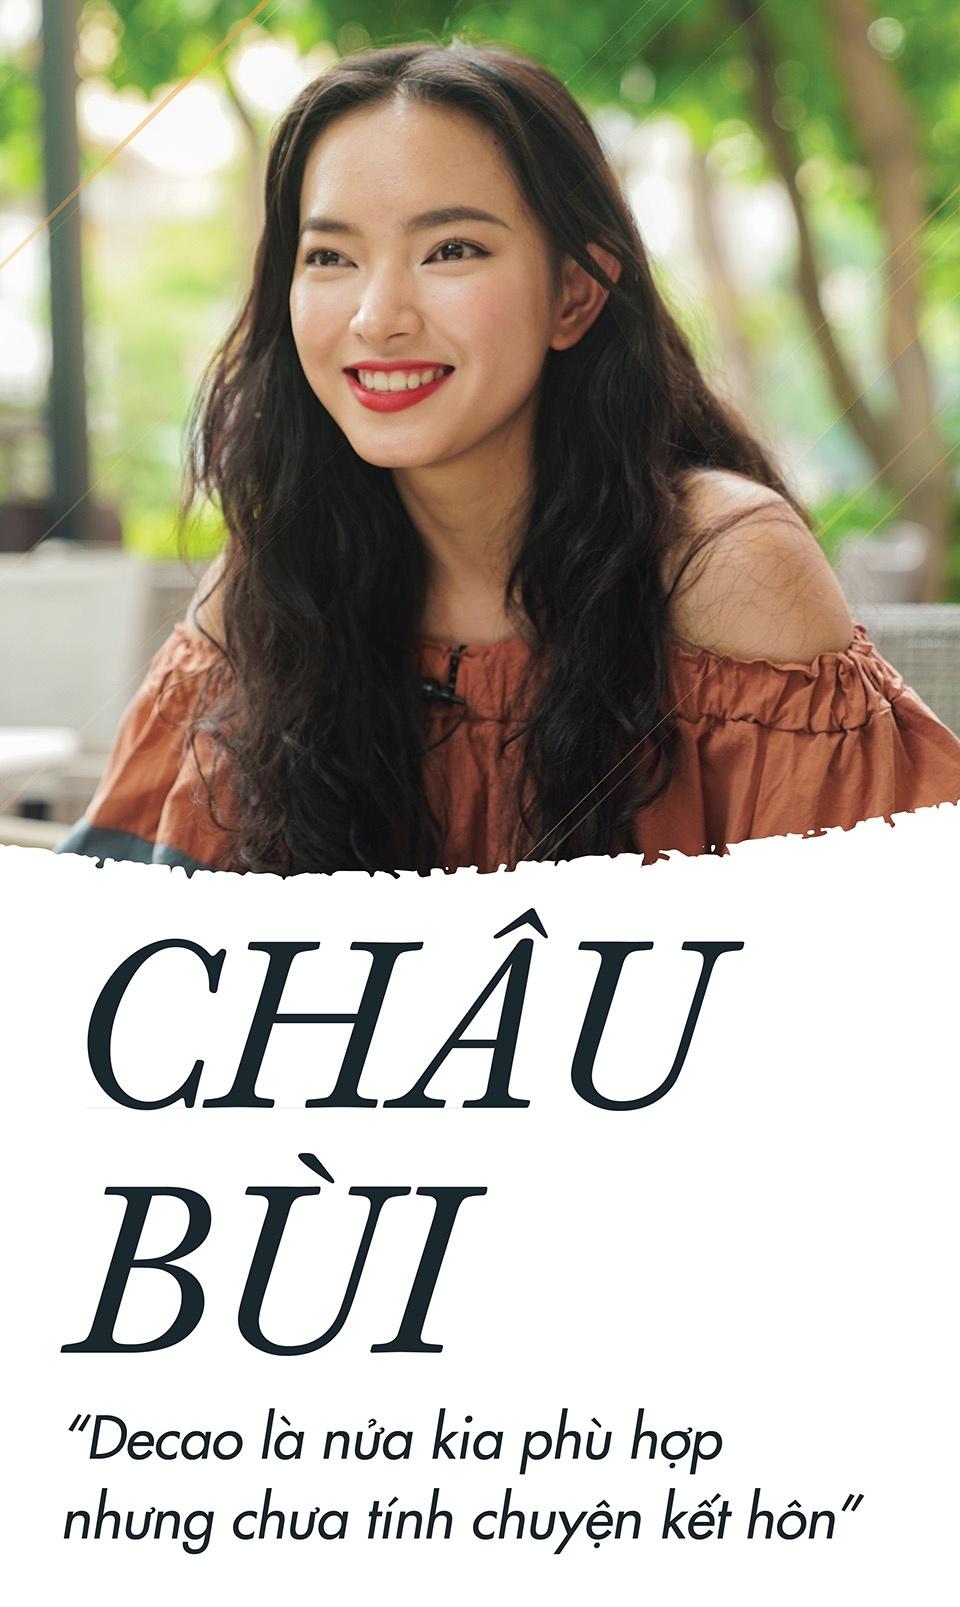 Hot girl Chau Bui: 'Rat yeu Decao nhung chua tinh chuyen ket hon' hinh anh 1